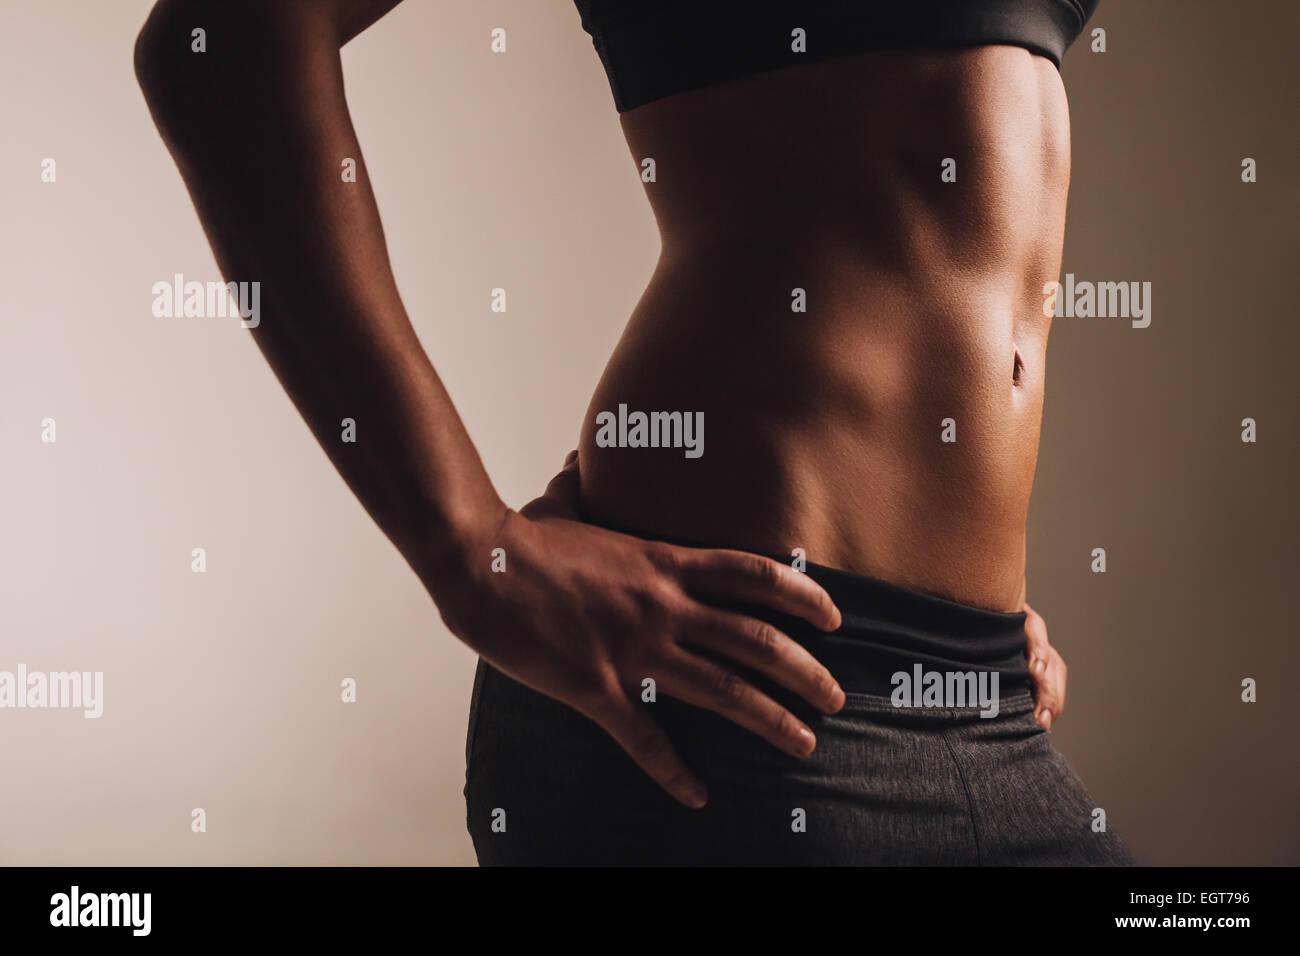 Nahaufnahme der jungen Frau Taille mit muskulösen Bauchmuskeln. ABS Fit Sportlerin. Stockbild